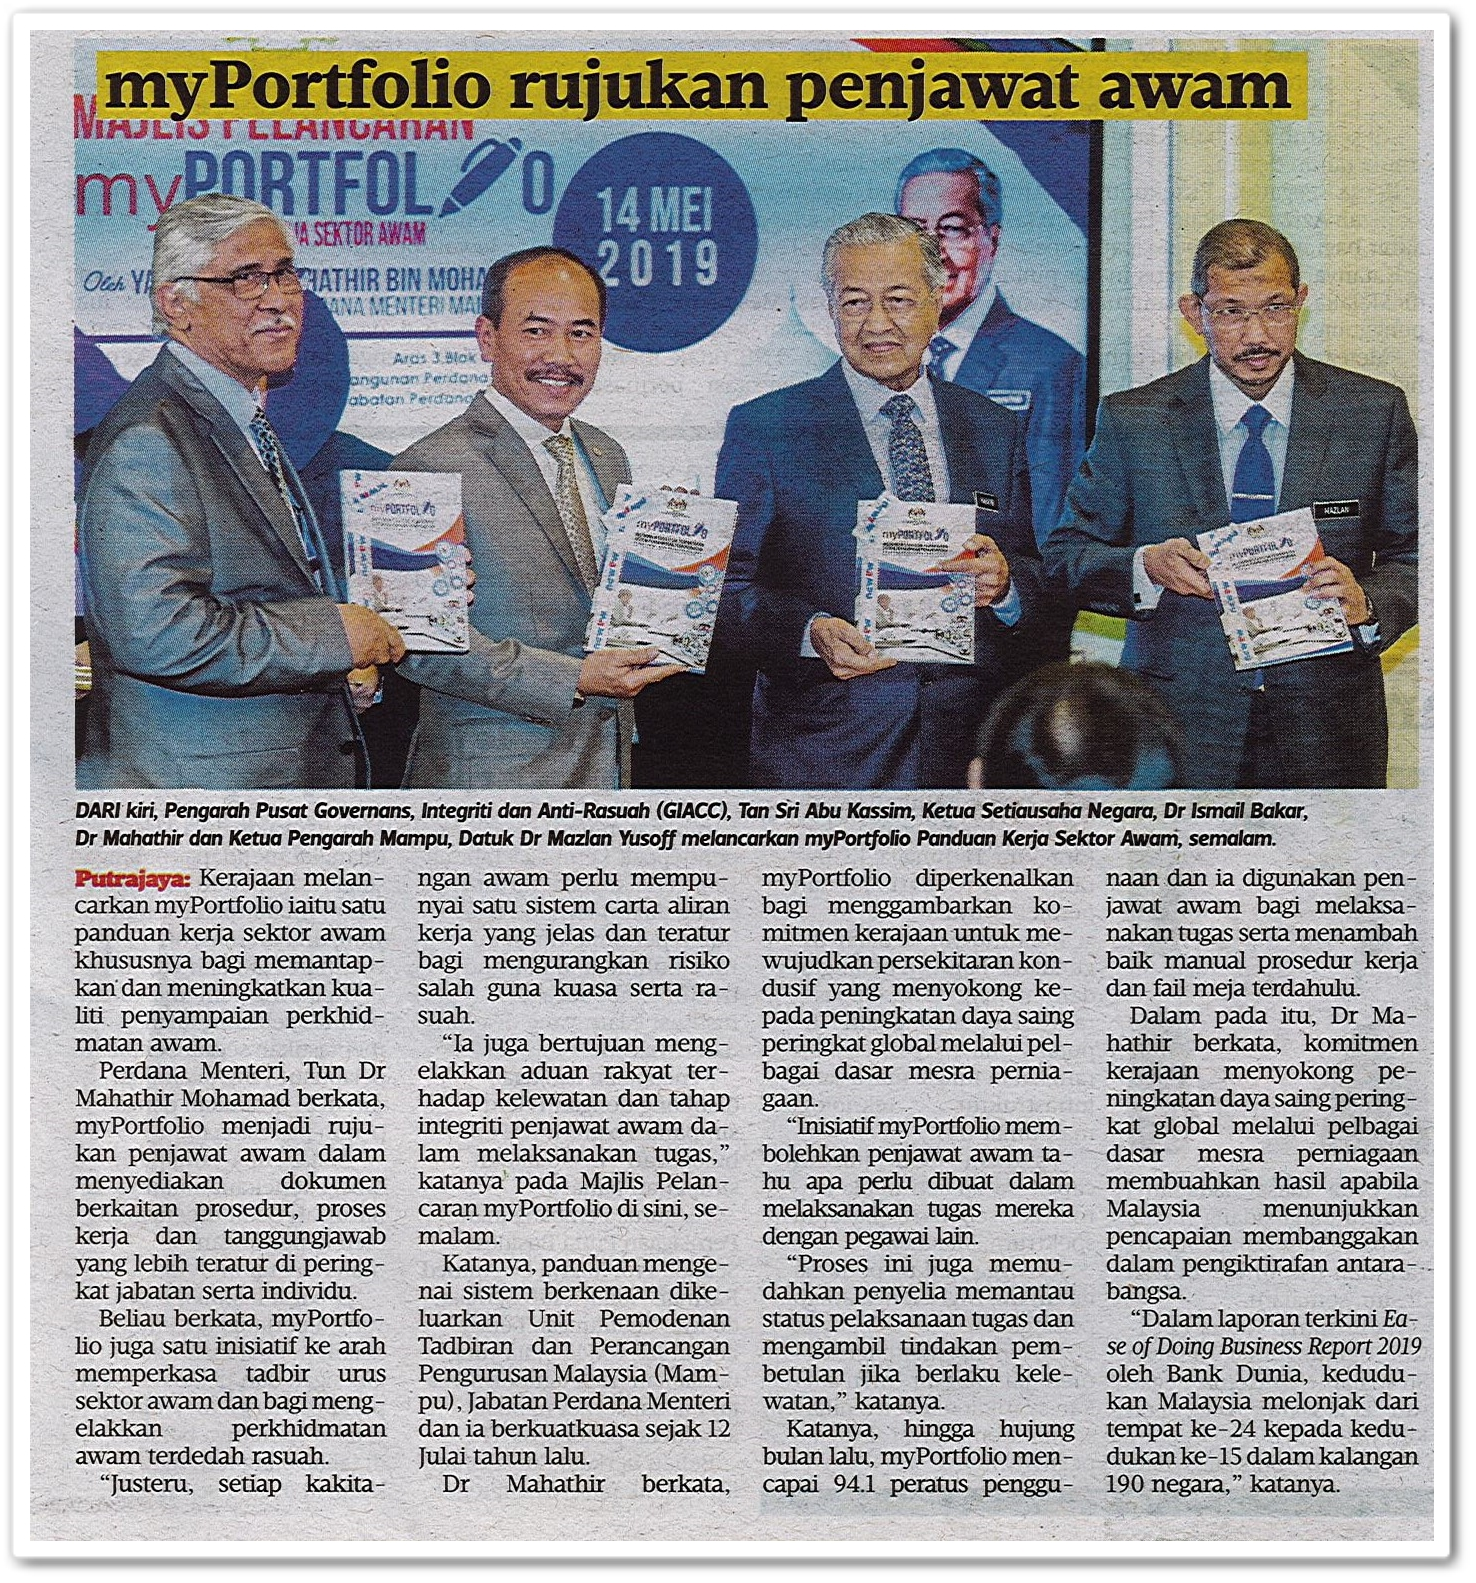 MyPortfolio rujukan penjawat awam - Keratan akhbar Harian Metro 15 Mei 2019